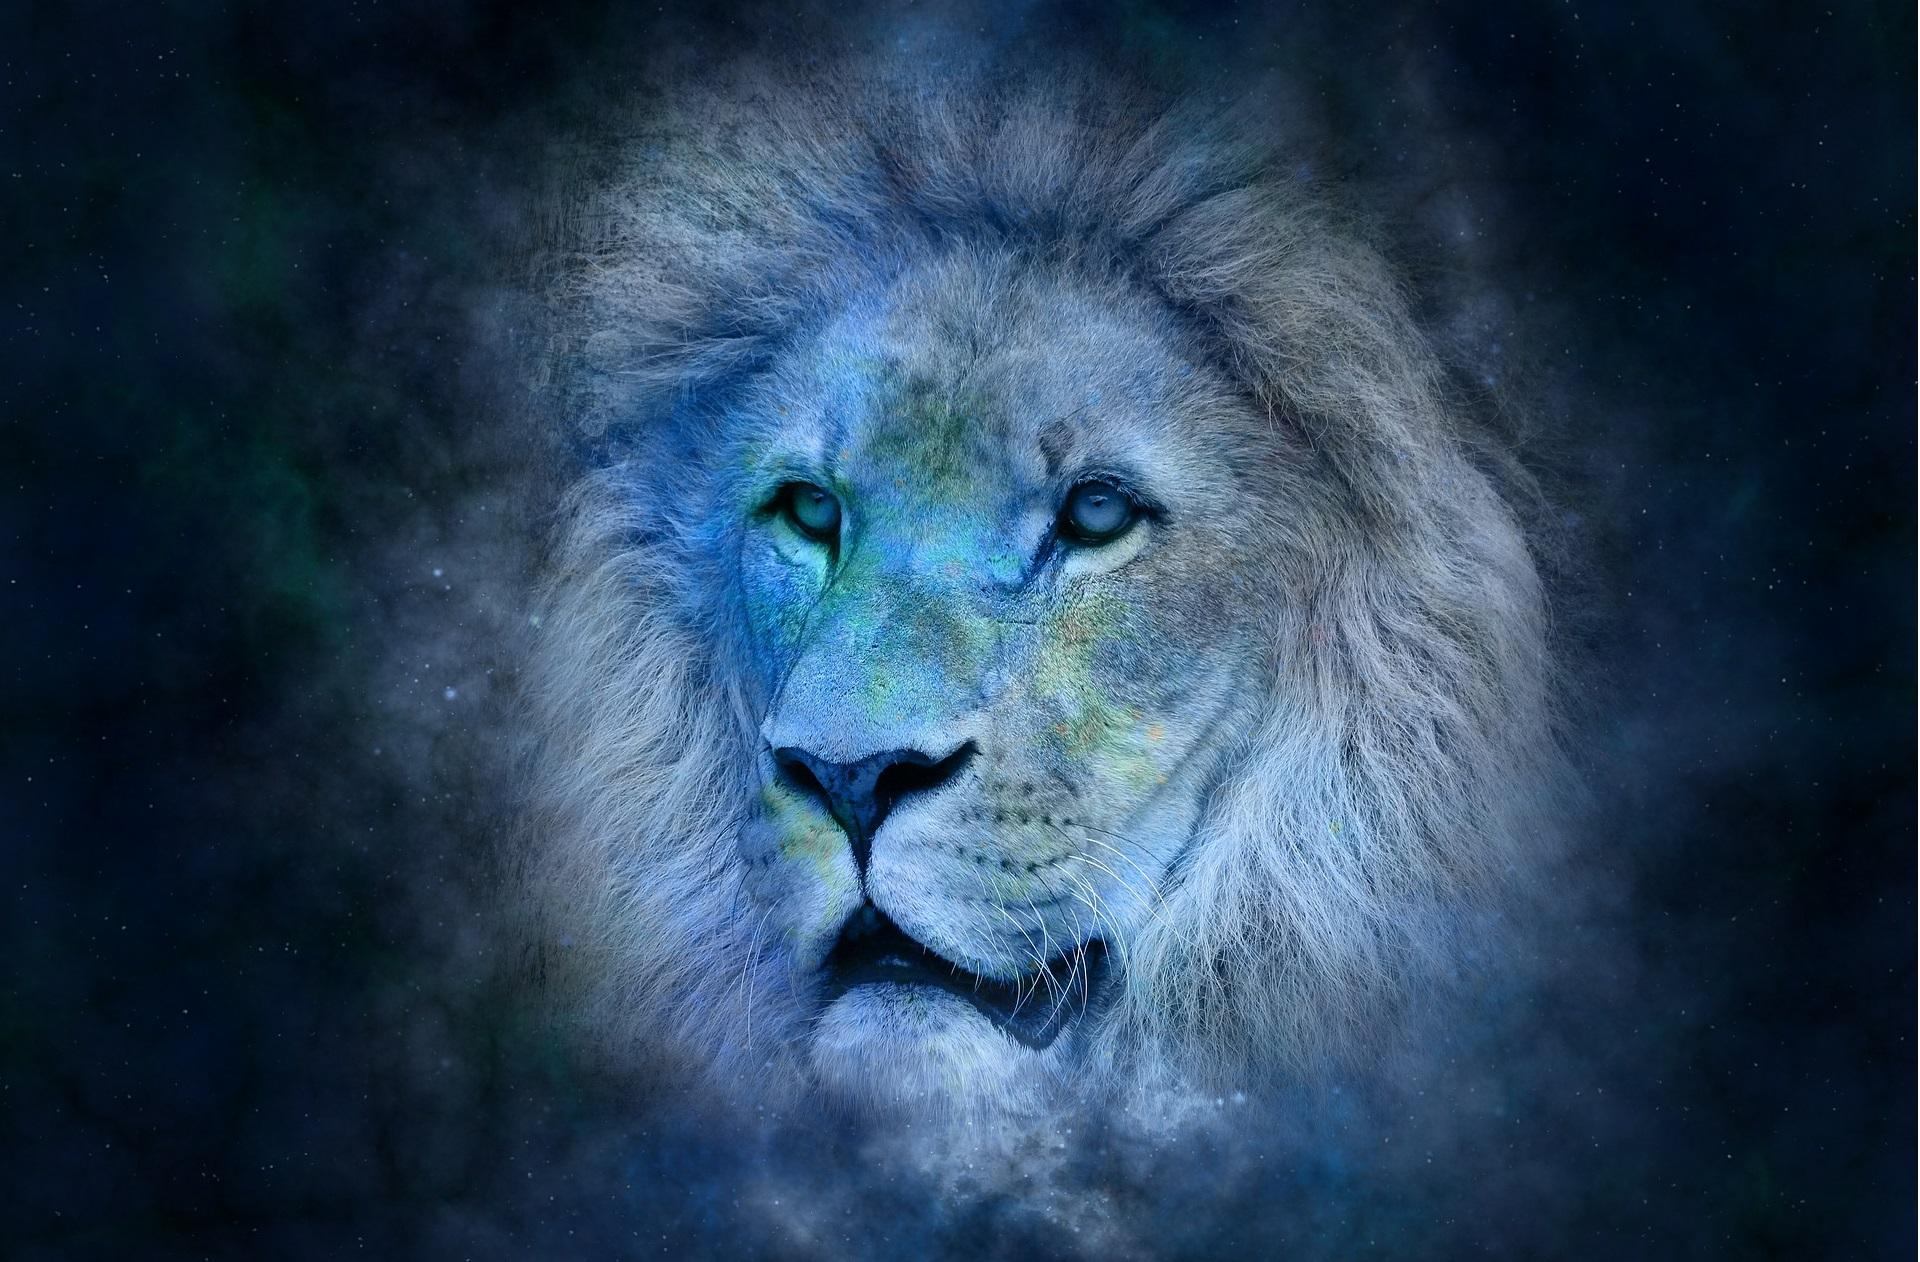 Veliki godišnji horoskop po znakovima, Nade Radanović: Lav